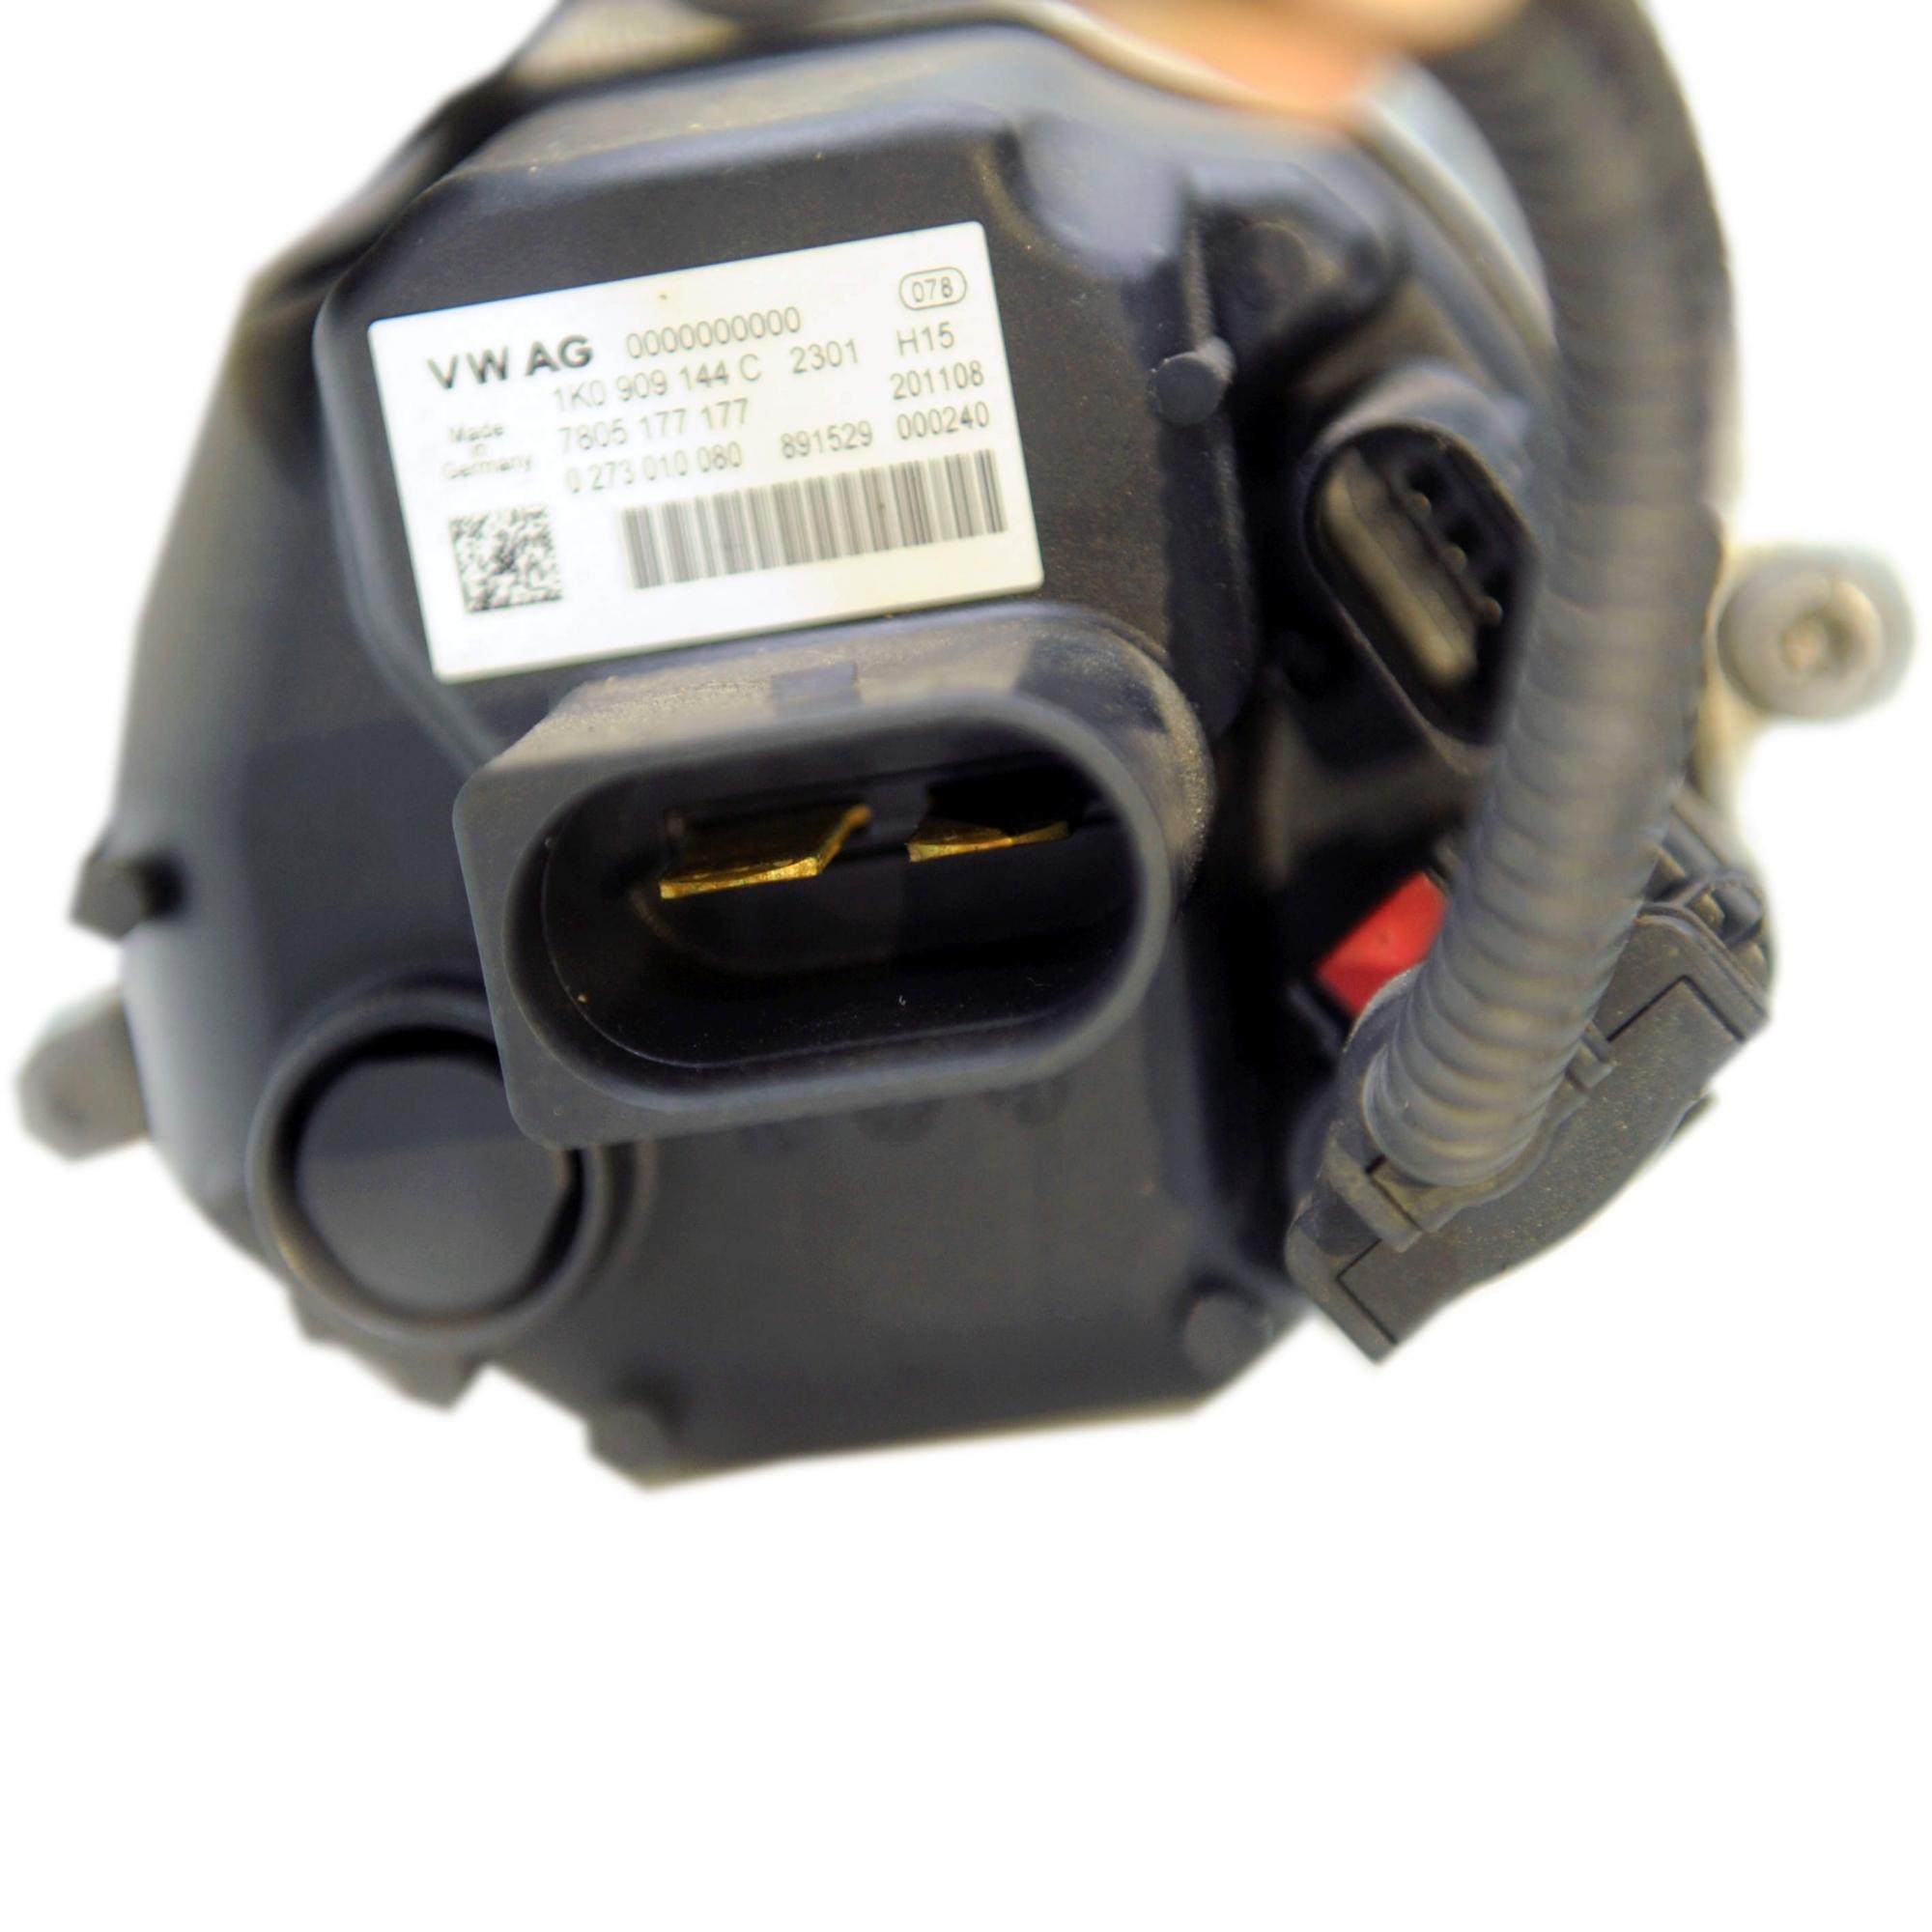 Caixa Direção Elétrica Jetta 2011..., Passat, A3 09... 1K0909144C